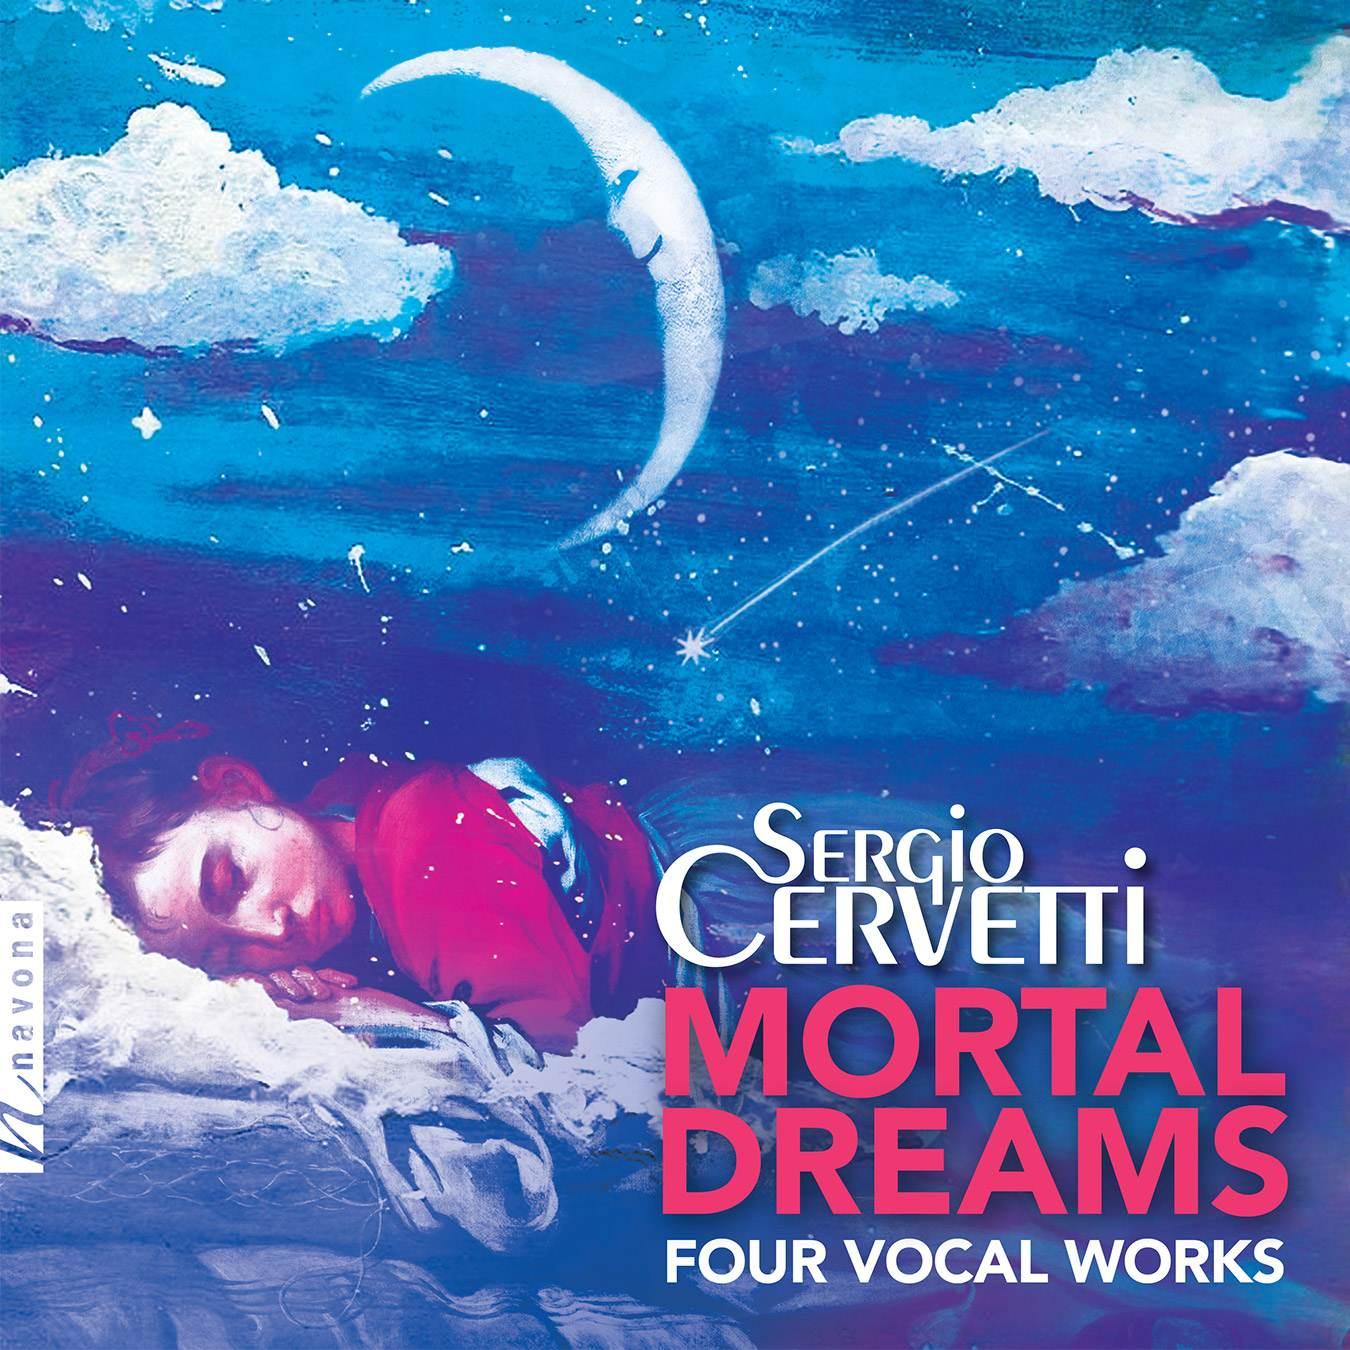 Mortal Dreams - Sergio Cervetti - Album Cover